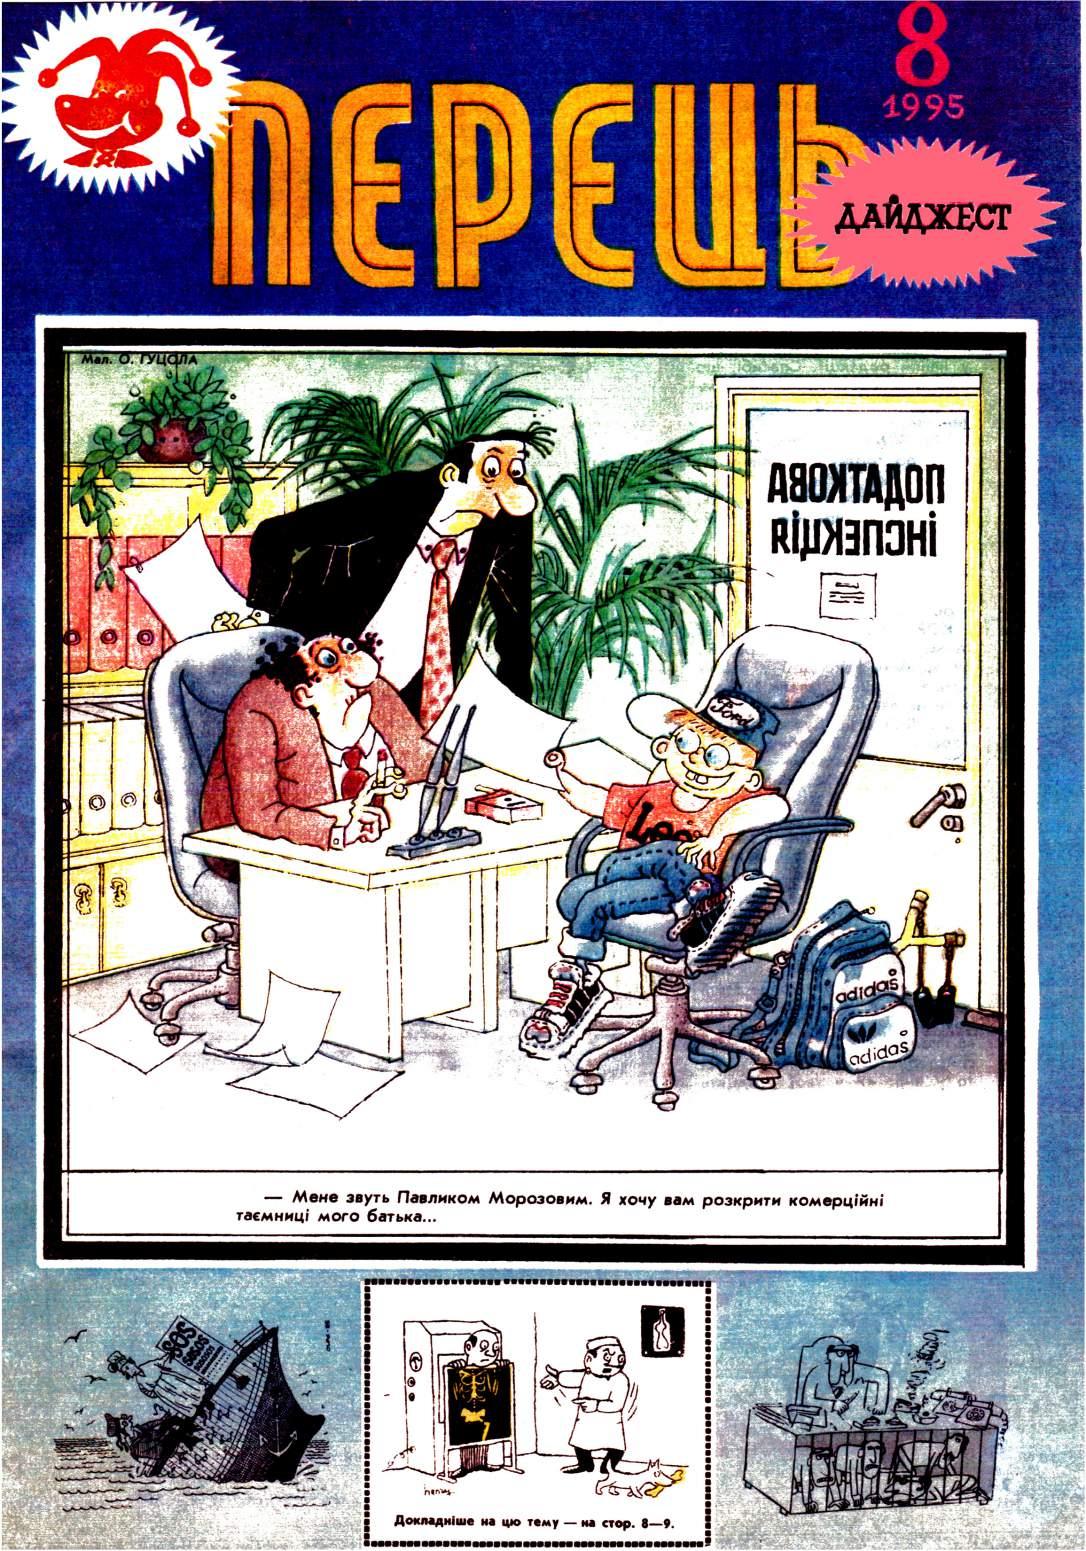 Журнал перець 1995 №08 Дайджест